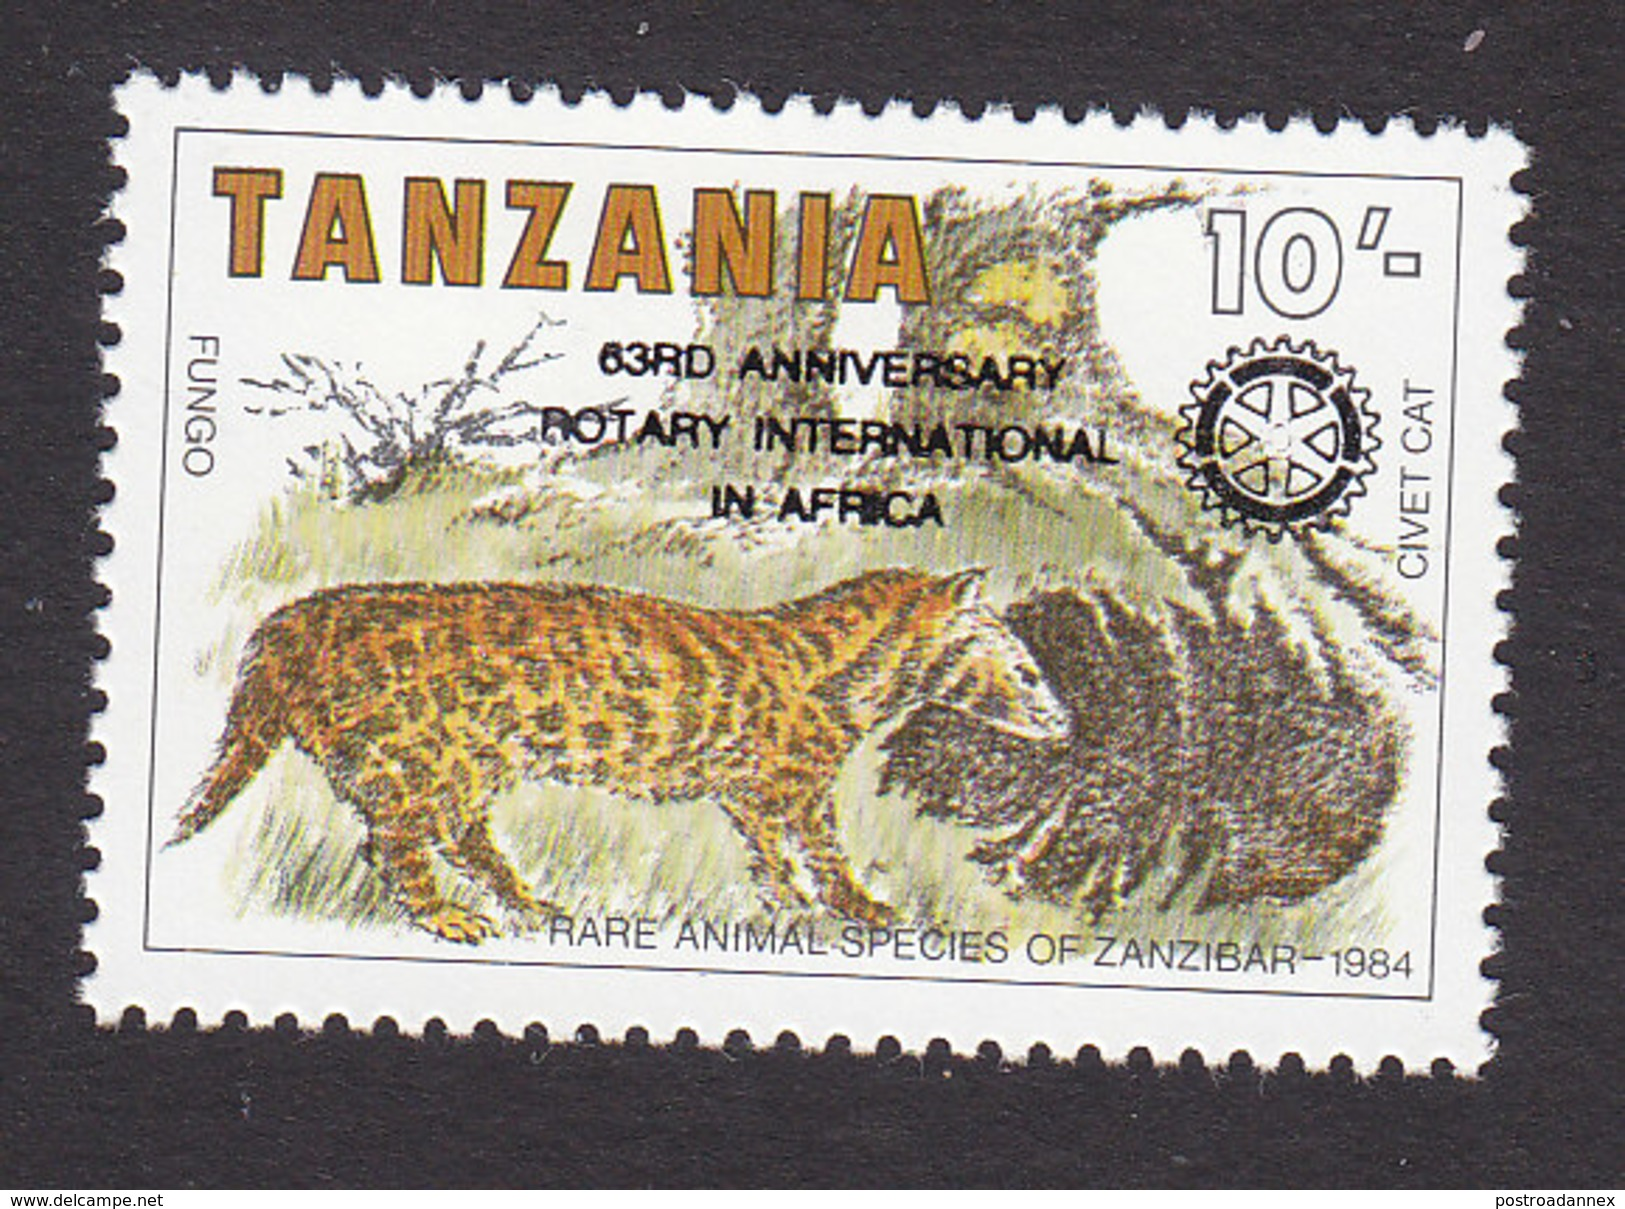 Tanzania, Scott #407, Mint Hinged, 63rd Anniversary Of Rotary Int'l, Issued 1988 - Tanzania (1964-...)